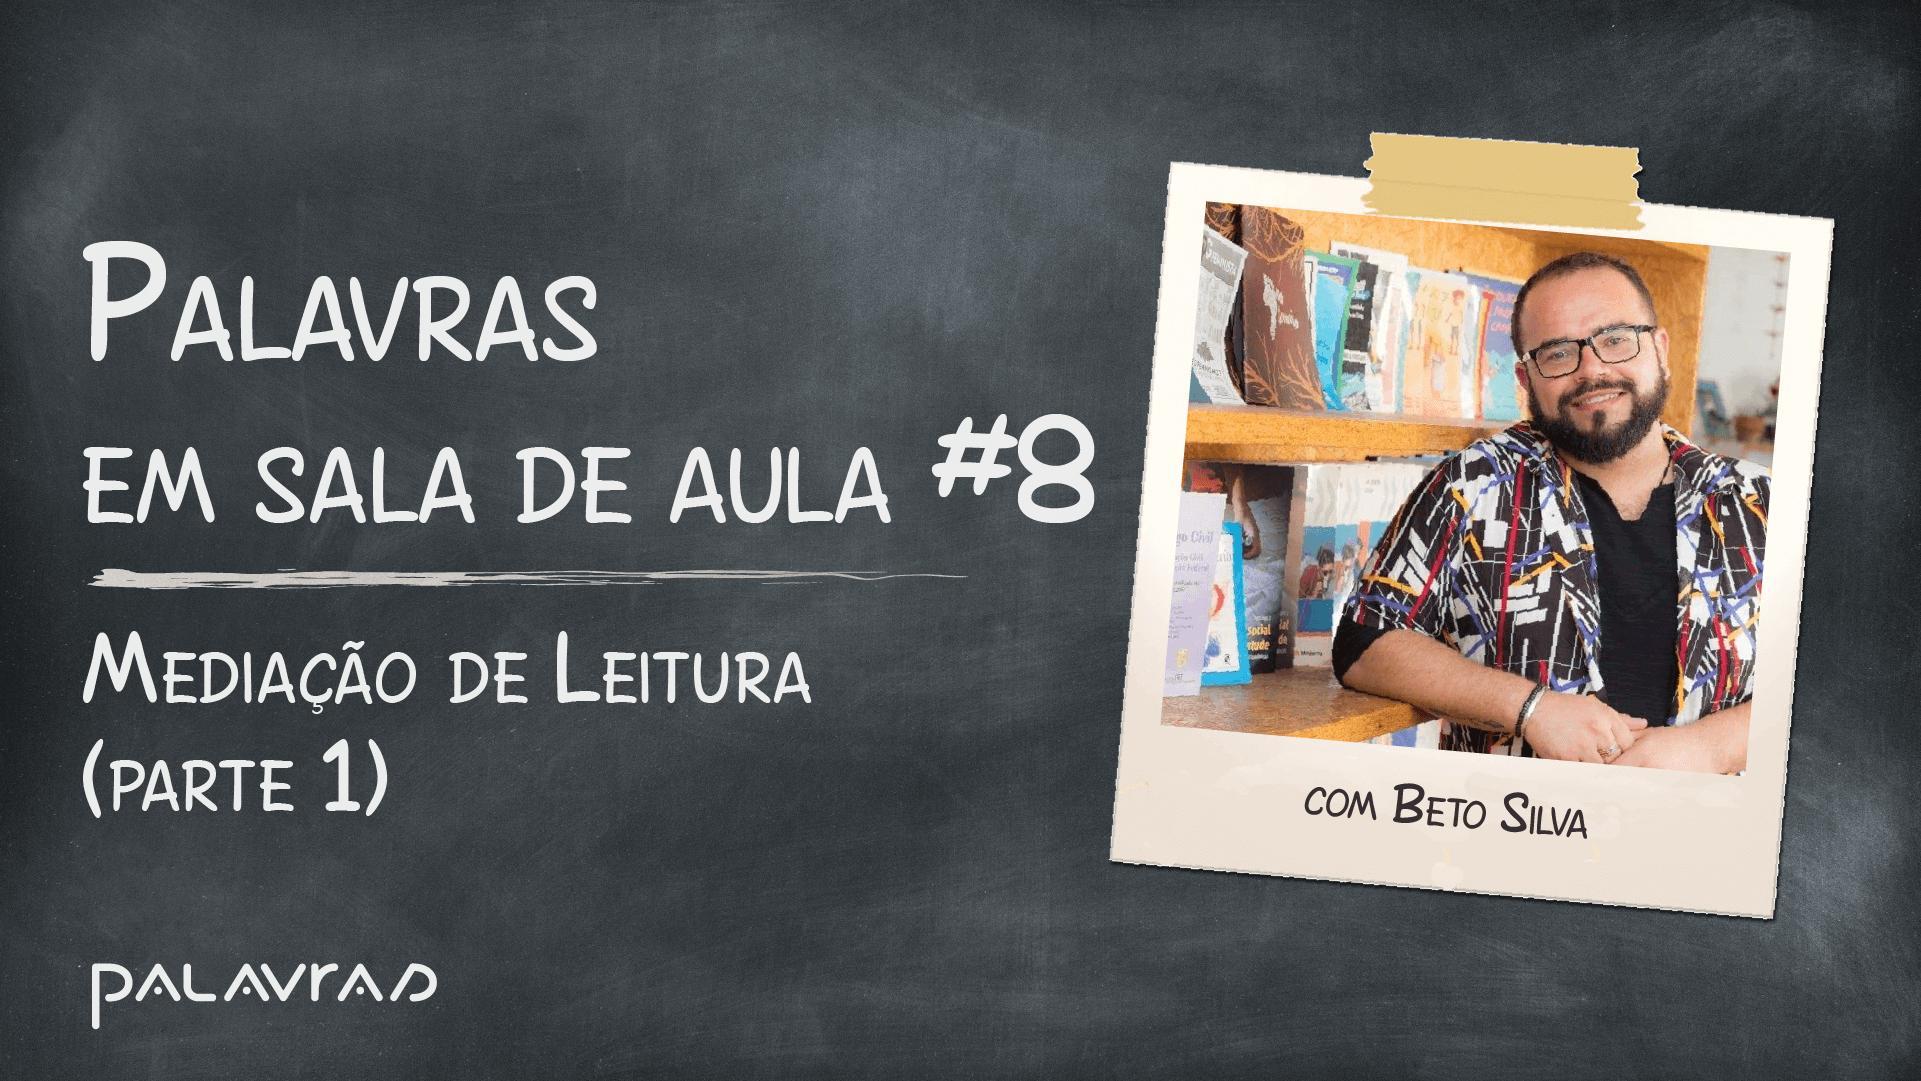 Podcast Palavras em Sala de Aula | #8: Mediação de Leitura com Beto Silva (parte 1)